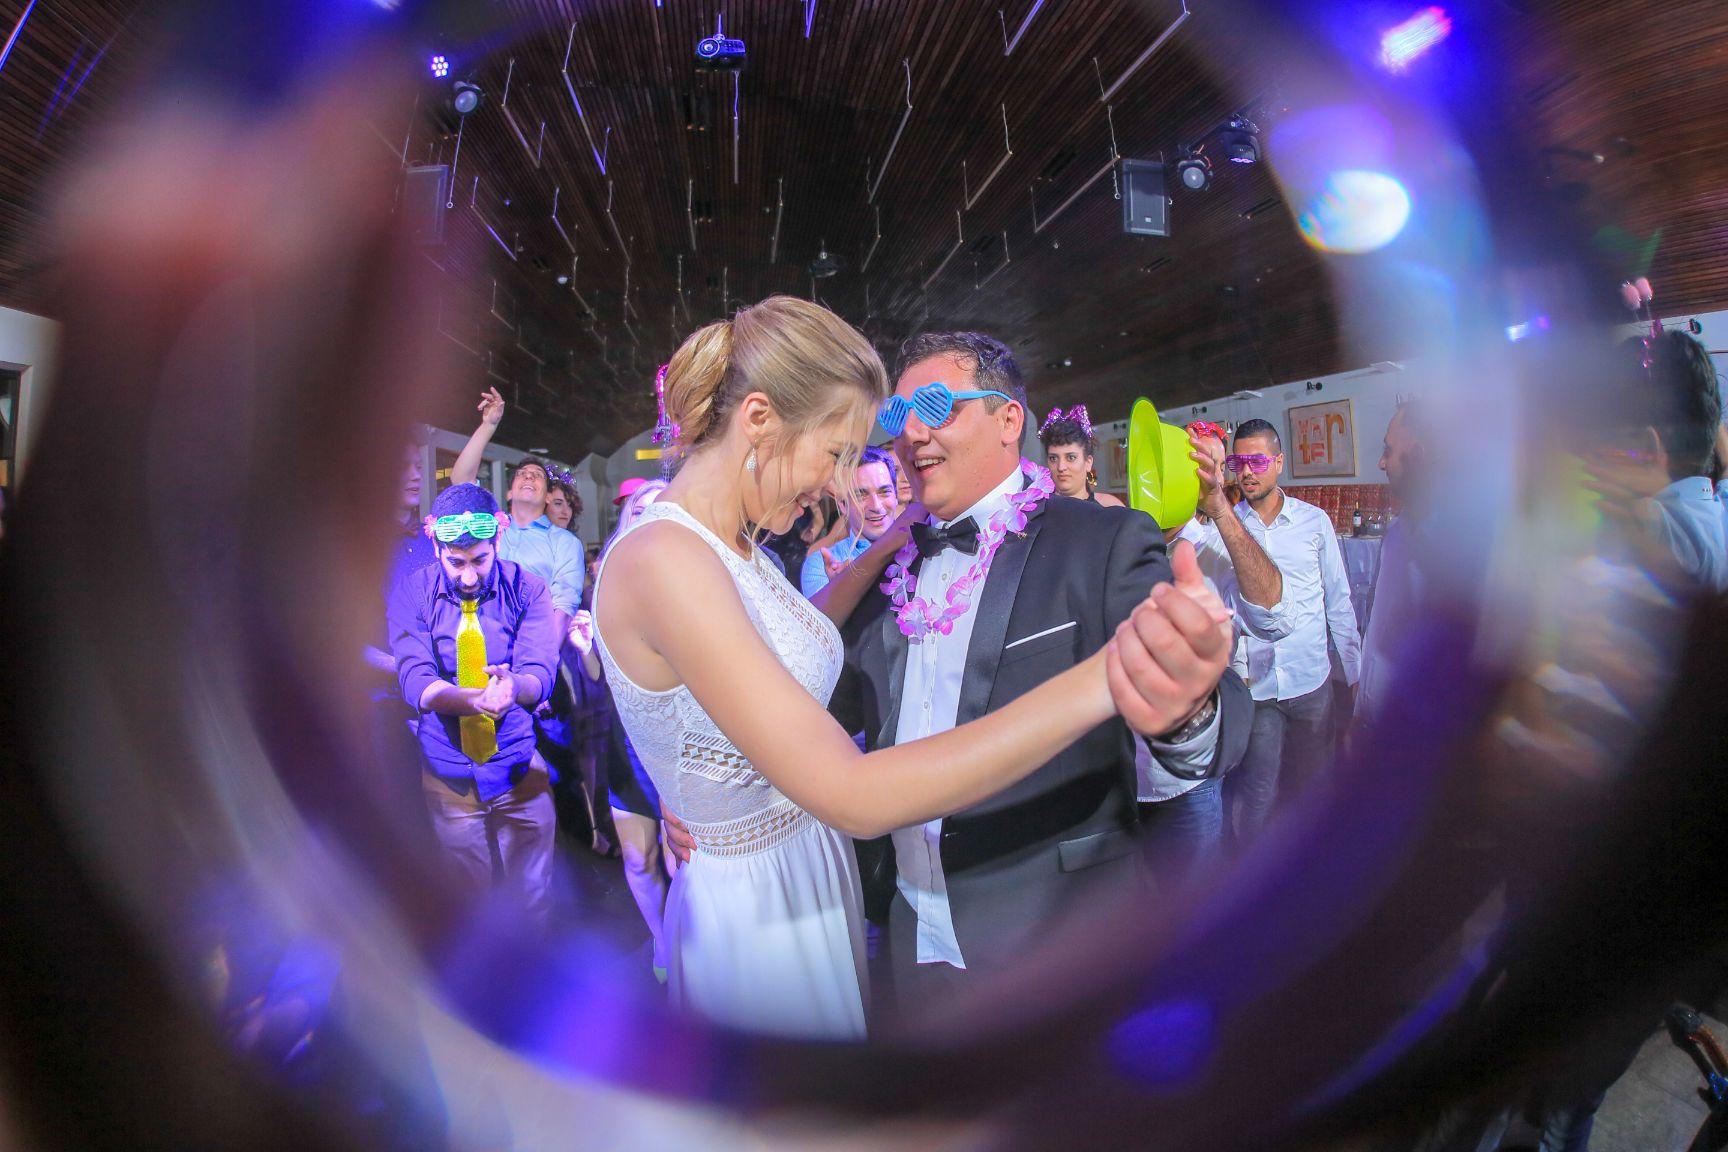 כמה עולה צילום חתונה?